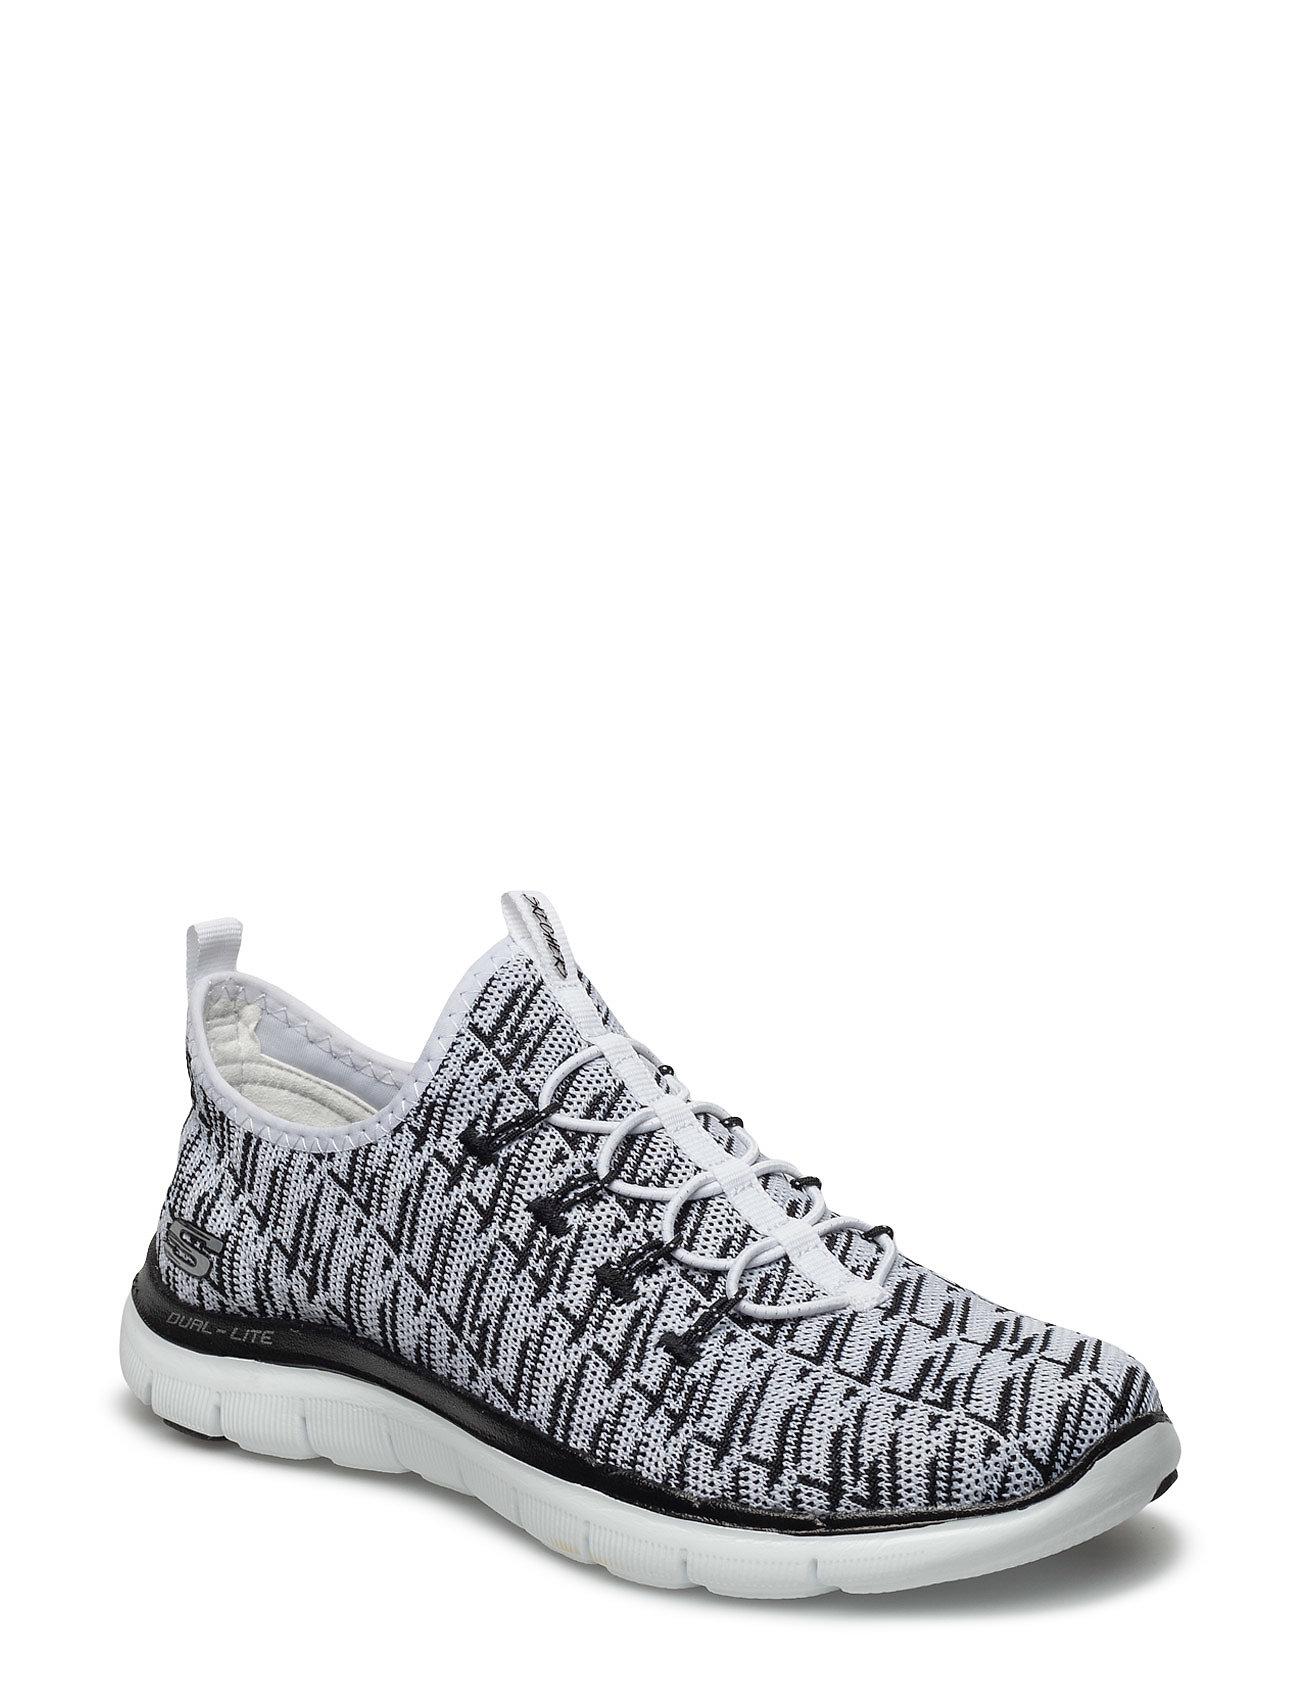 Womens Flex Appeal 2,0 - Insight Skechers Sneakers til Damer i